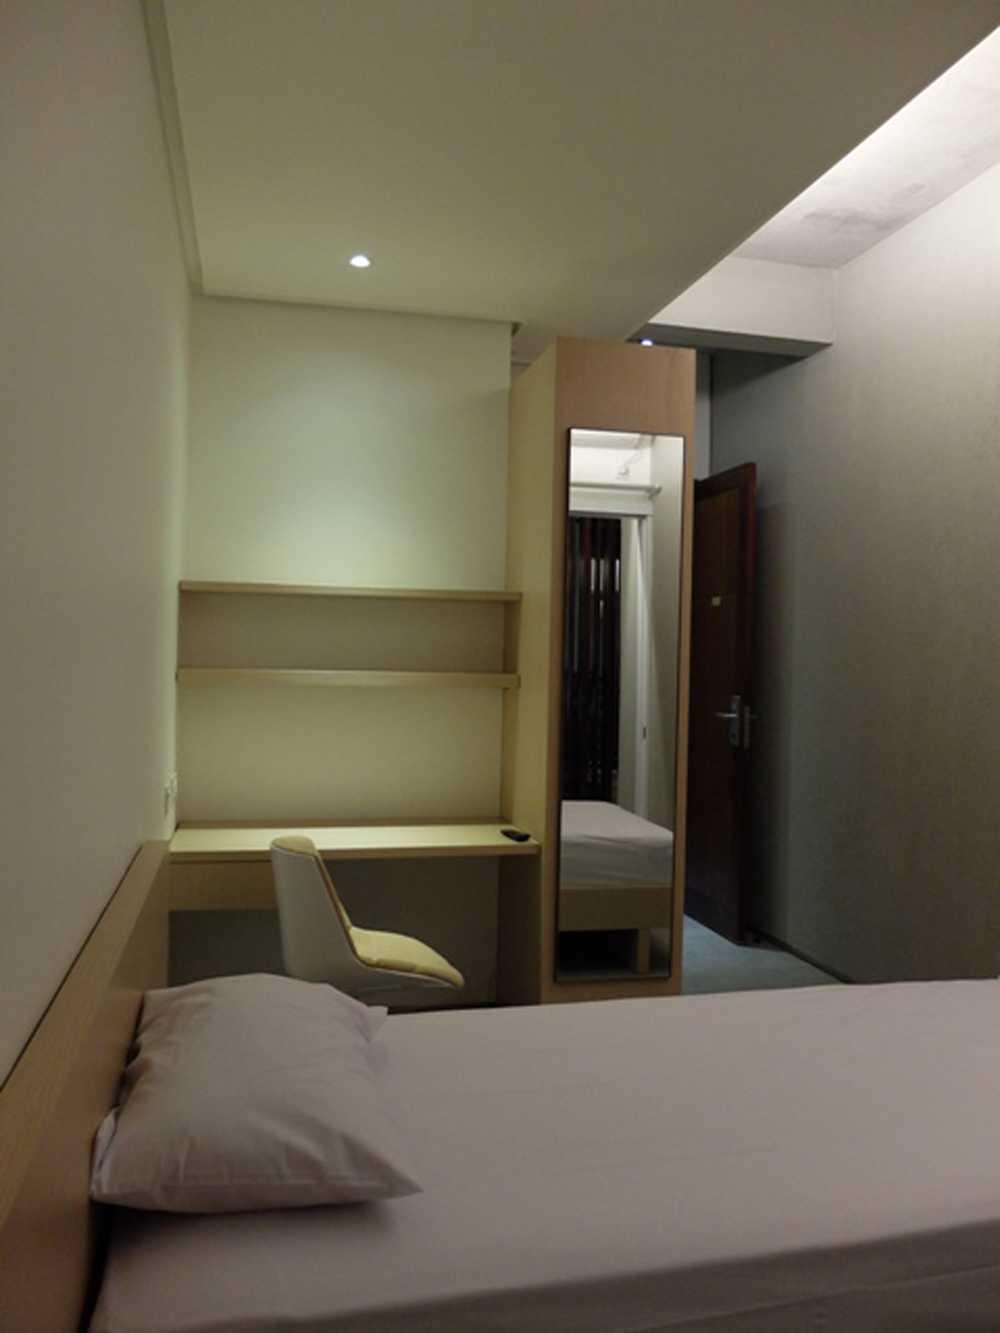 Rdma Fulmar House Jl.babakan Jeruk-Pasteur, Bandung Jl.babakan Jeruk-Pasteur, Bandung Bed Room Tropis,modern  18981